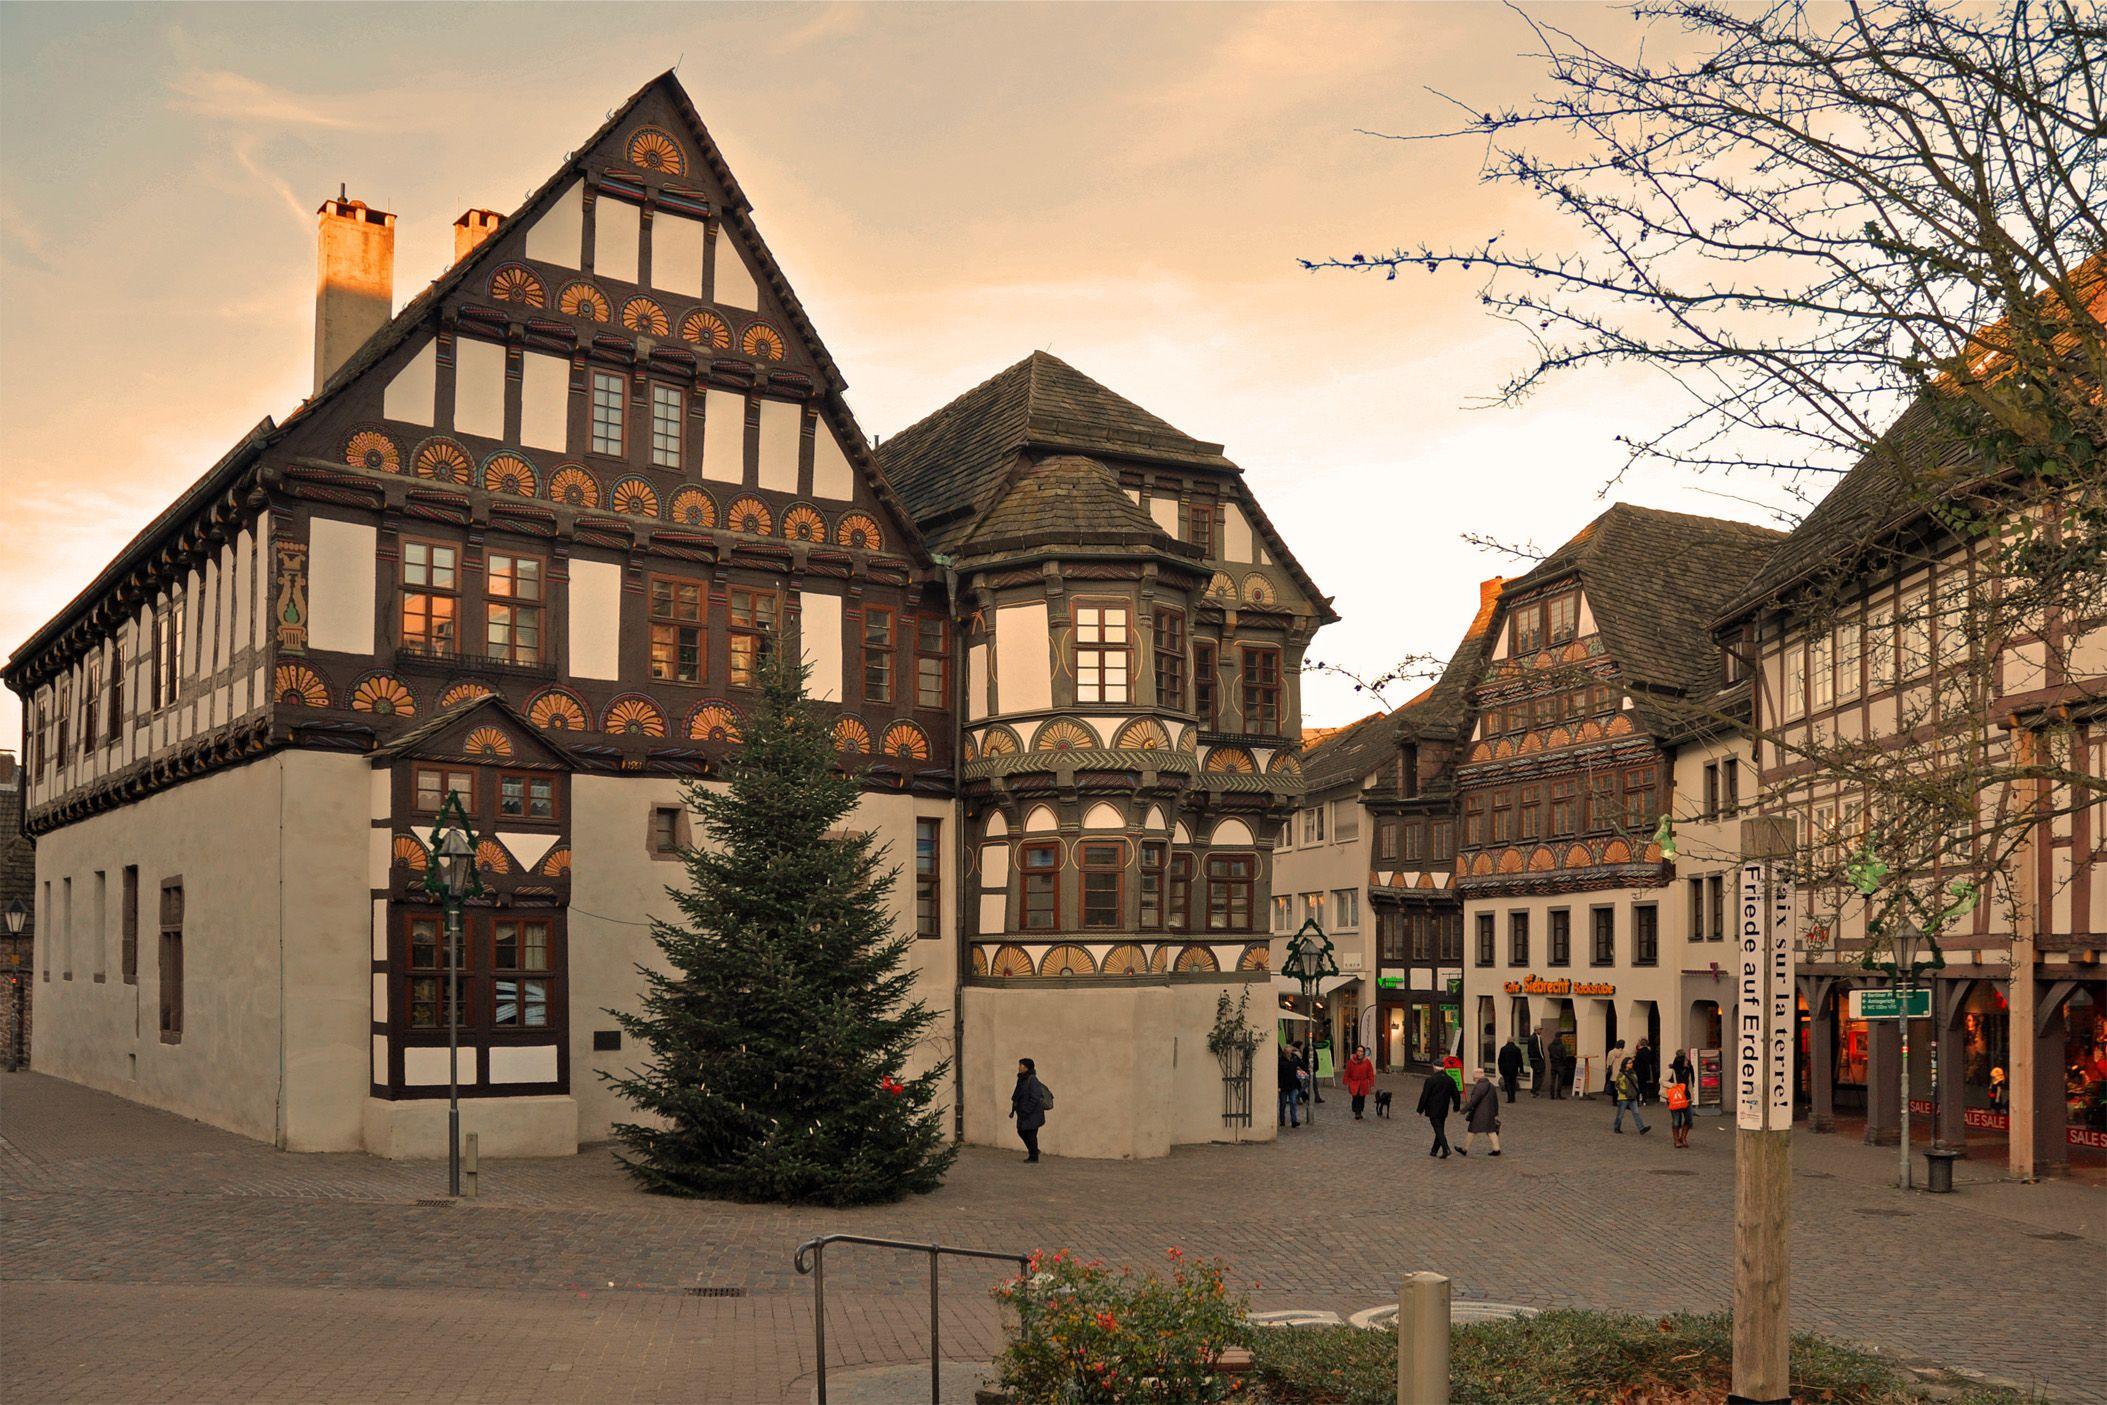 Hoxter Nordrhein Westfalen Mit Bildern Nordrhein Westfalen Orte Deutschland